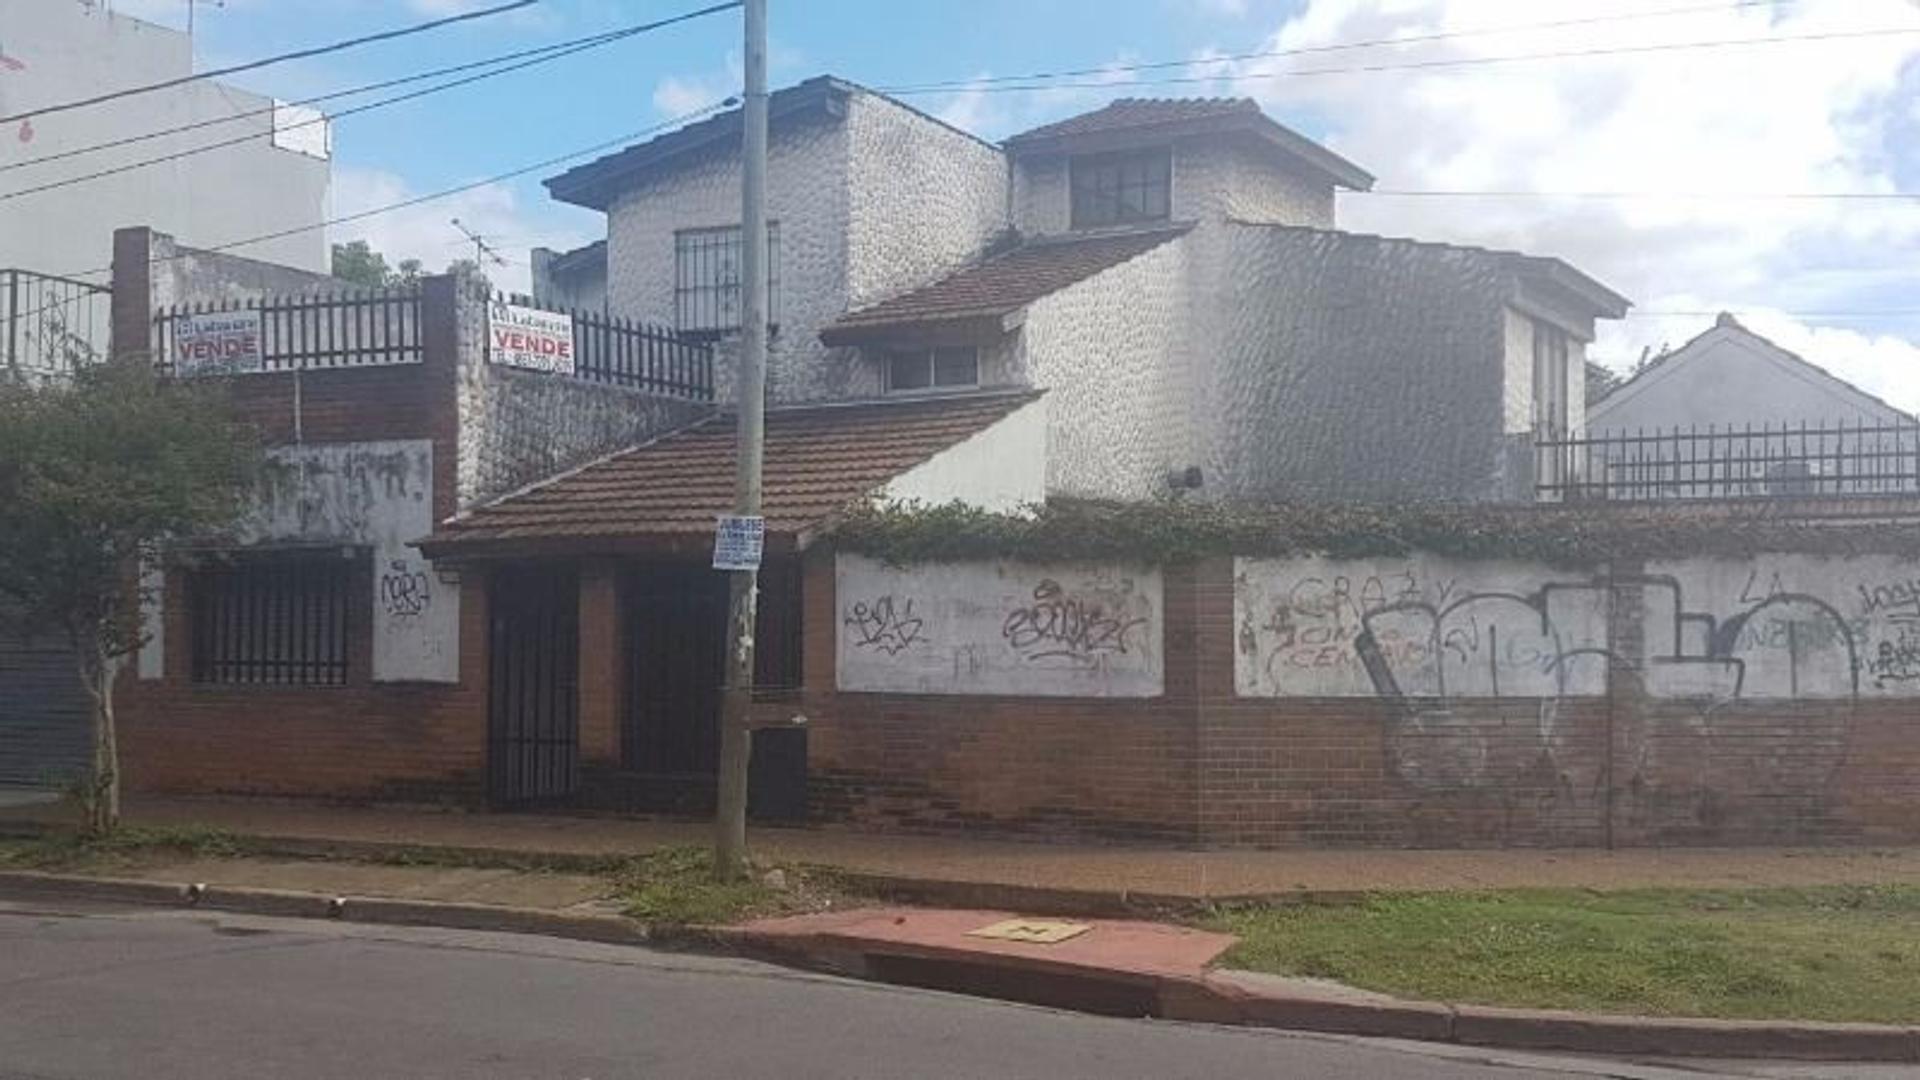 Casa en Haedo, Morón, Buenos Aires USD 165000 - Rosales 1809 (Código: 486-359)